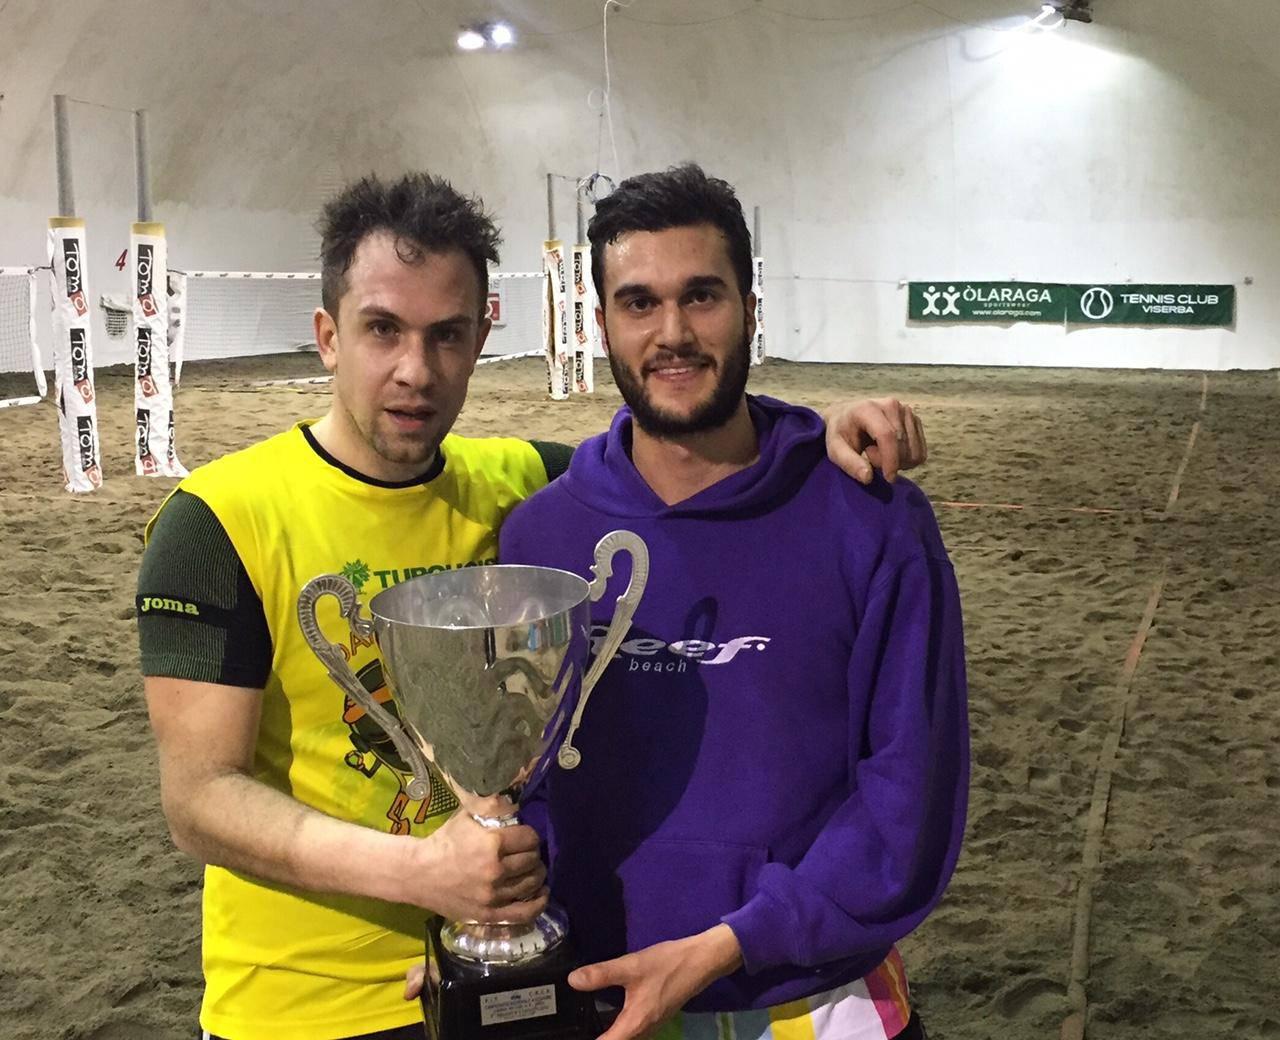 Beach Tennis. Federico Urbini e Luca Bonori vincono l'11a edizione del campionato invernale